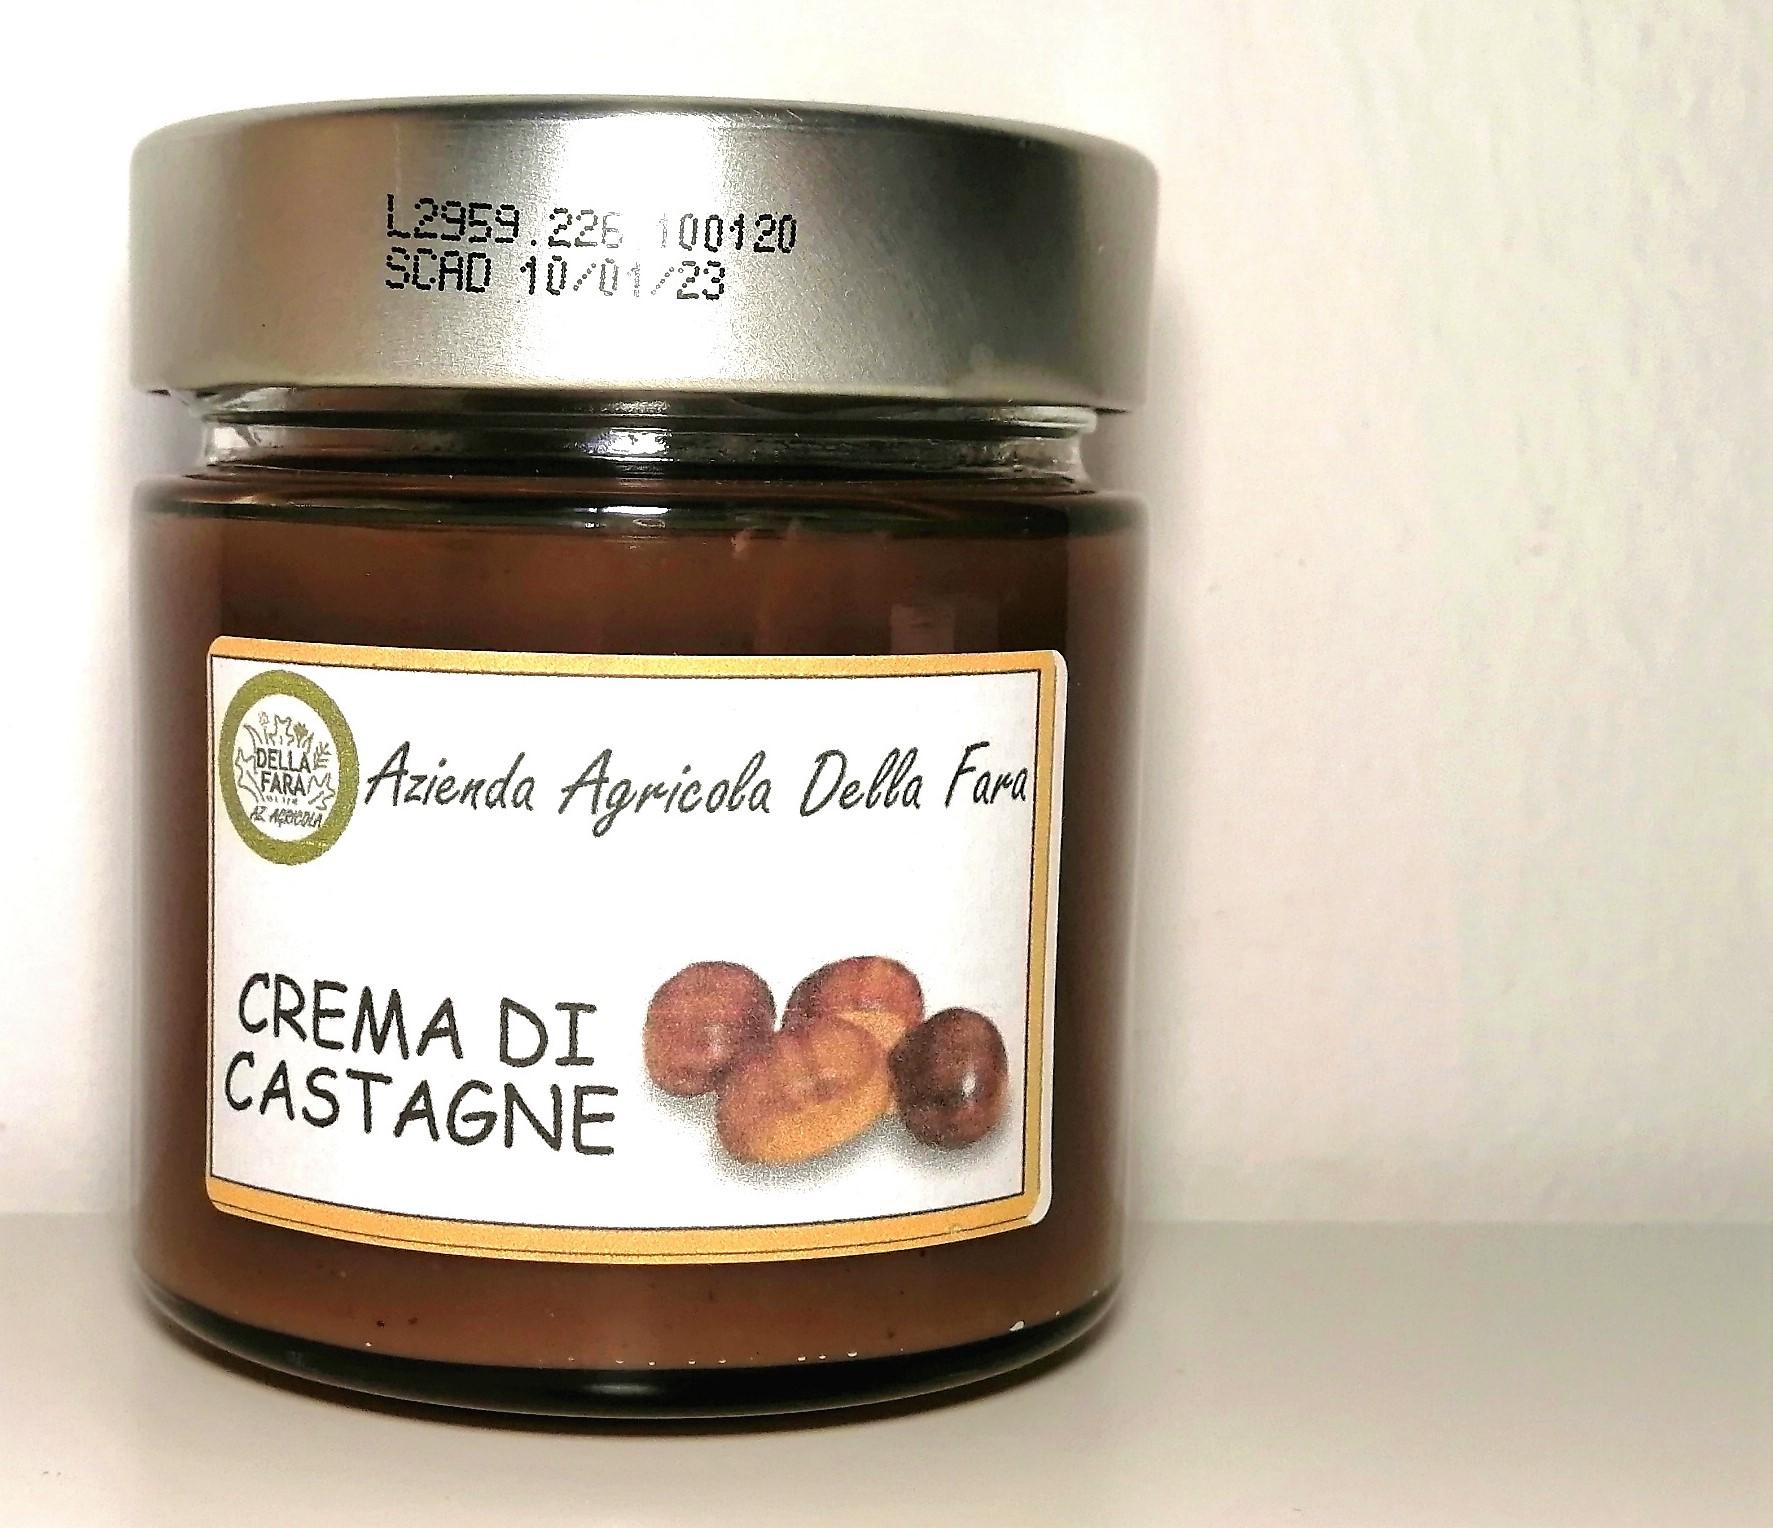 Crema di castagne vasetto - Az. Agr. Della Fara